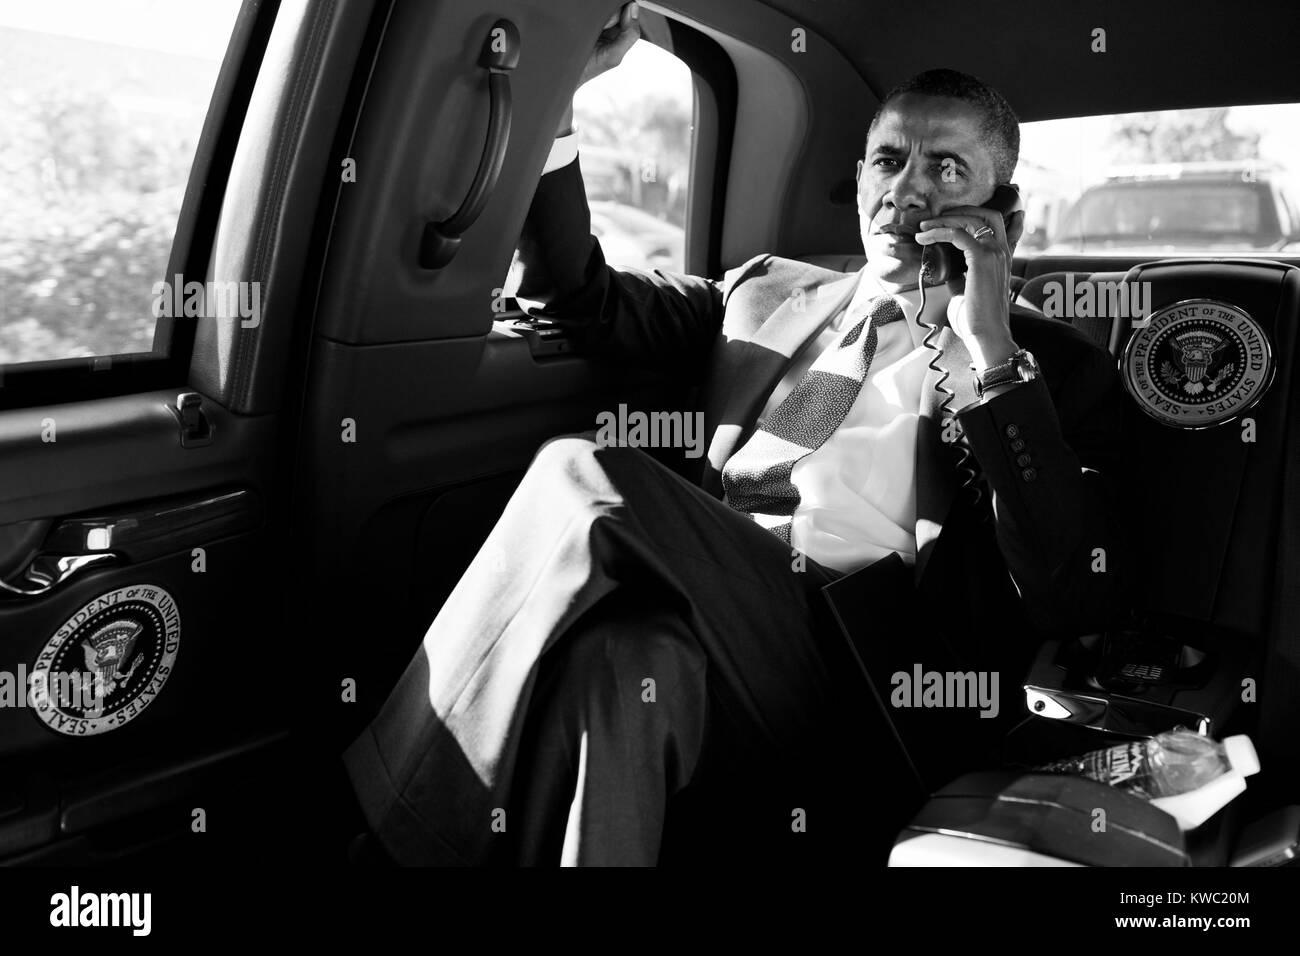 Präsident Barack Obama in einem Konferenzanruf mit Beratern der Aurora, Colorado shootings zu diskutieren. Stockbild